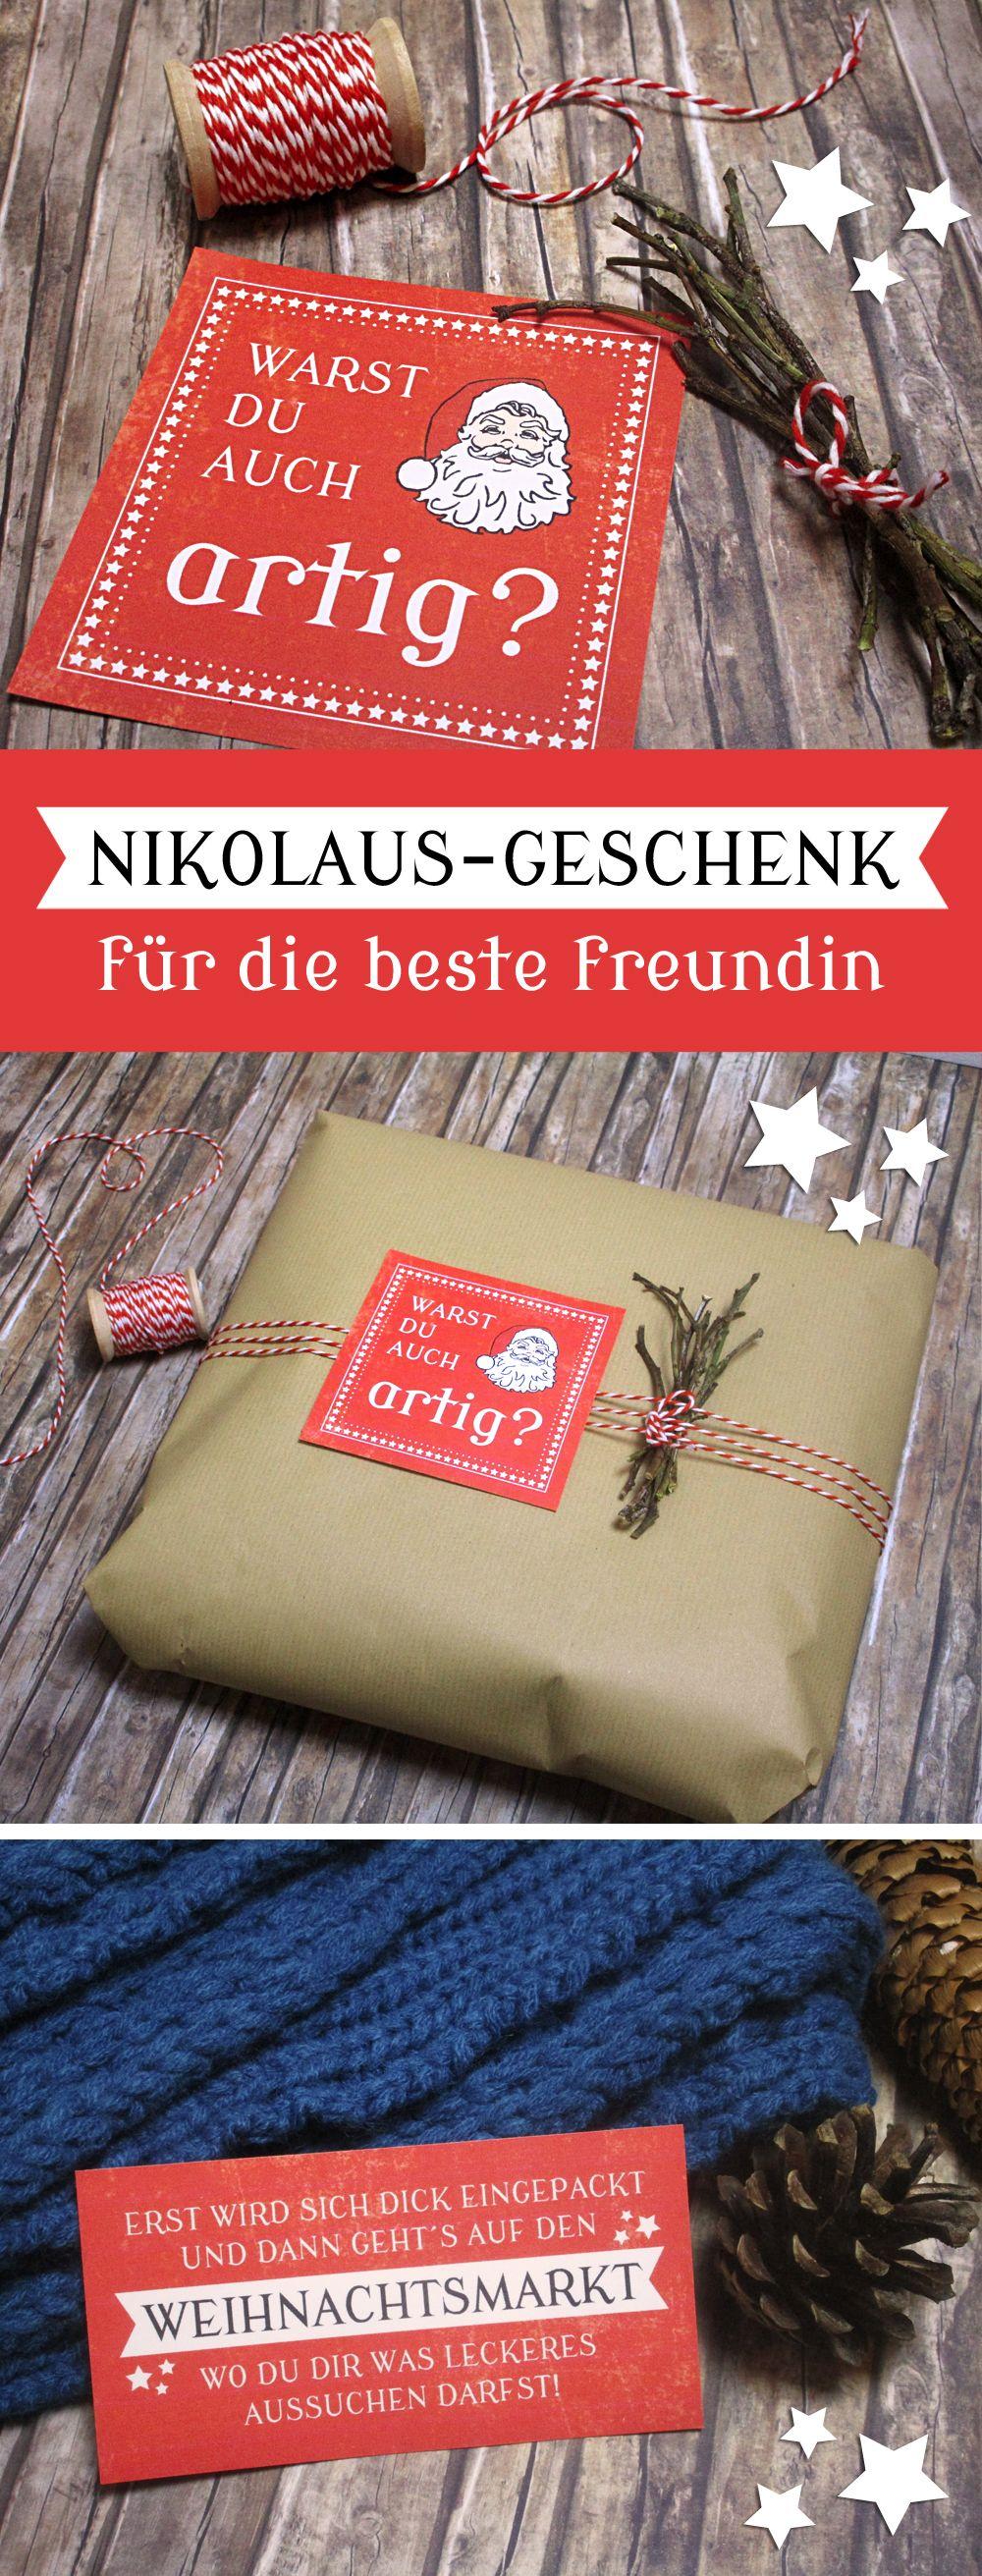 geschenkidee f r die beste freundin zum nikolaus free printables weihnachten christmas. Black Bedroom Furniture Sets. Home Design Ideas